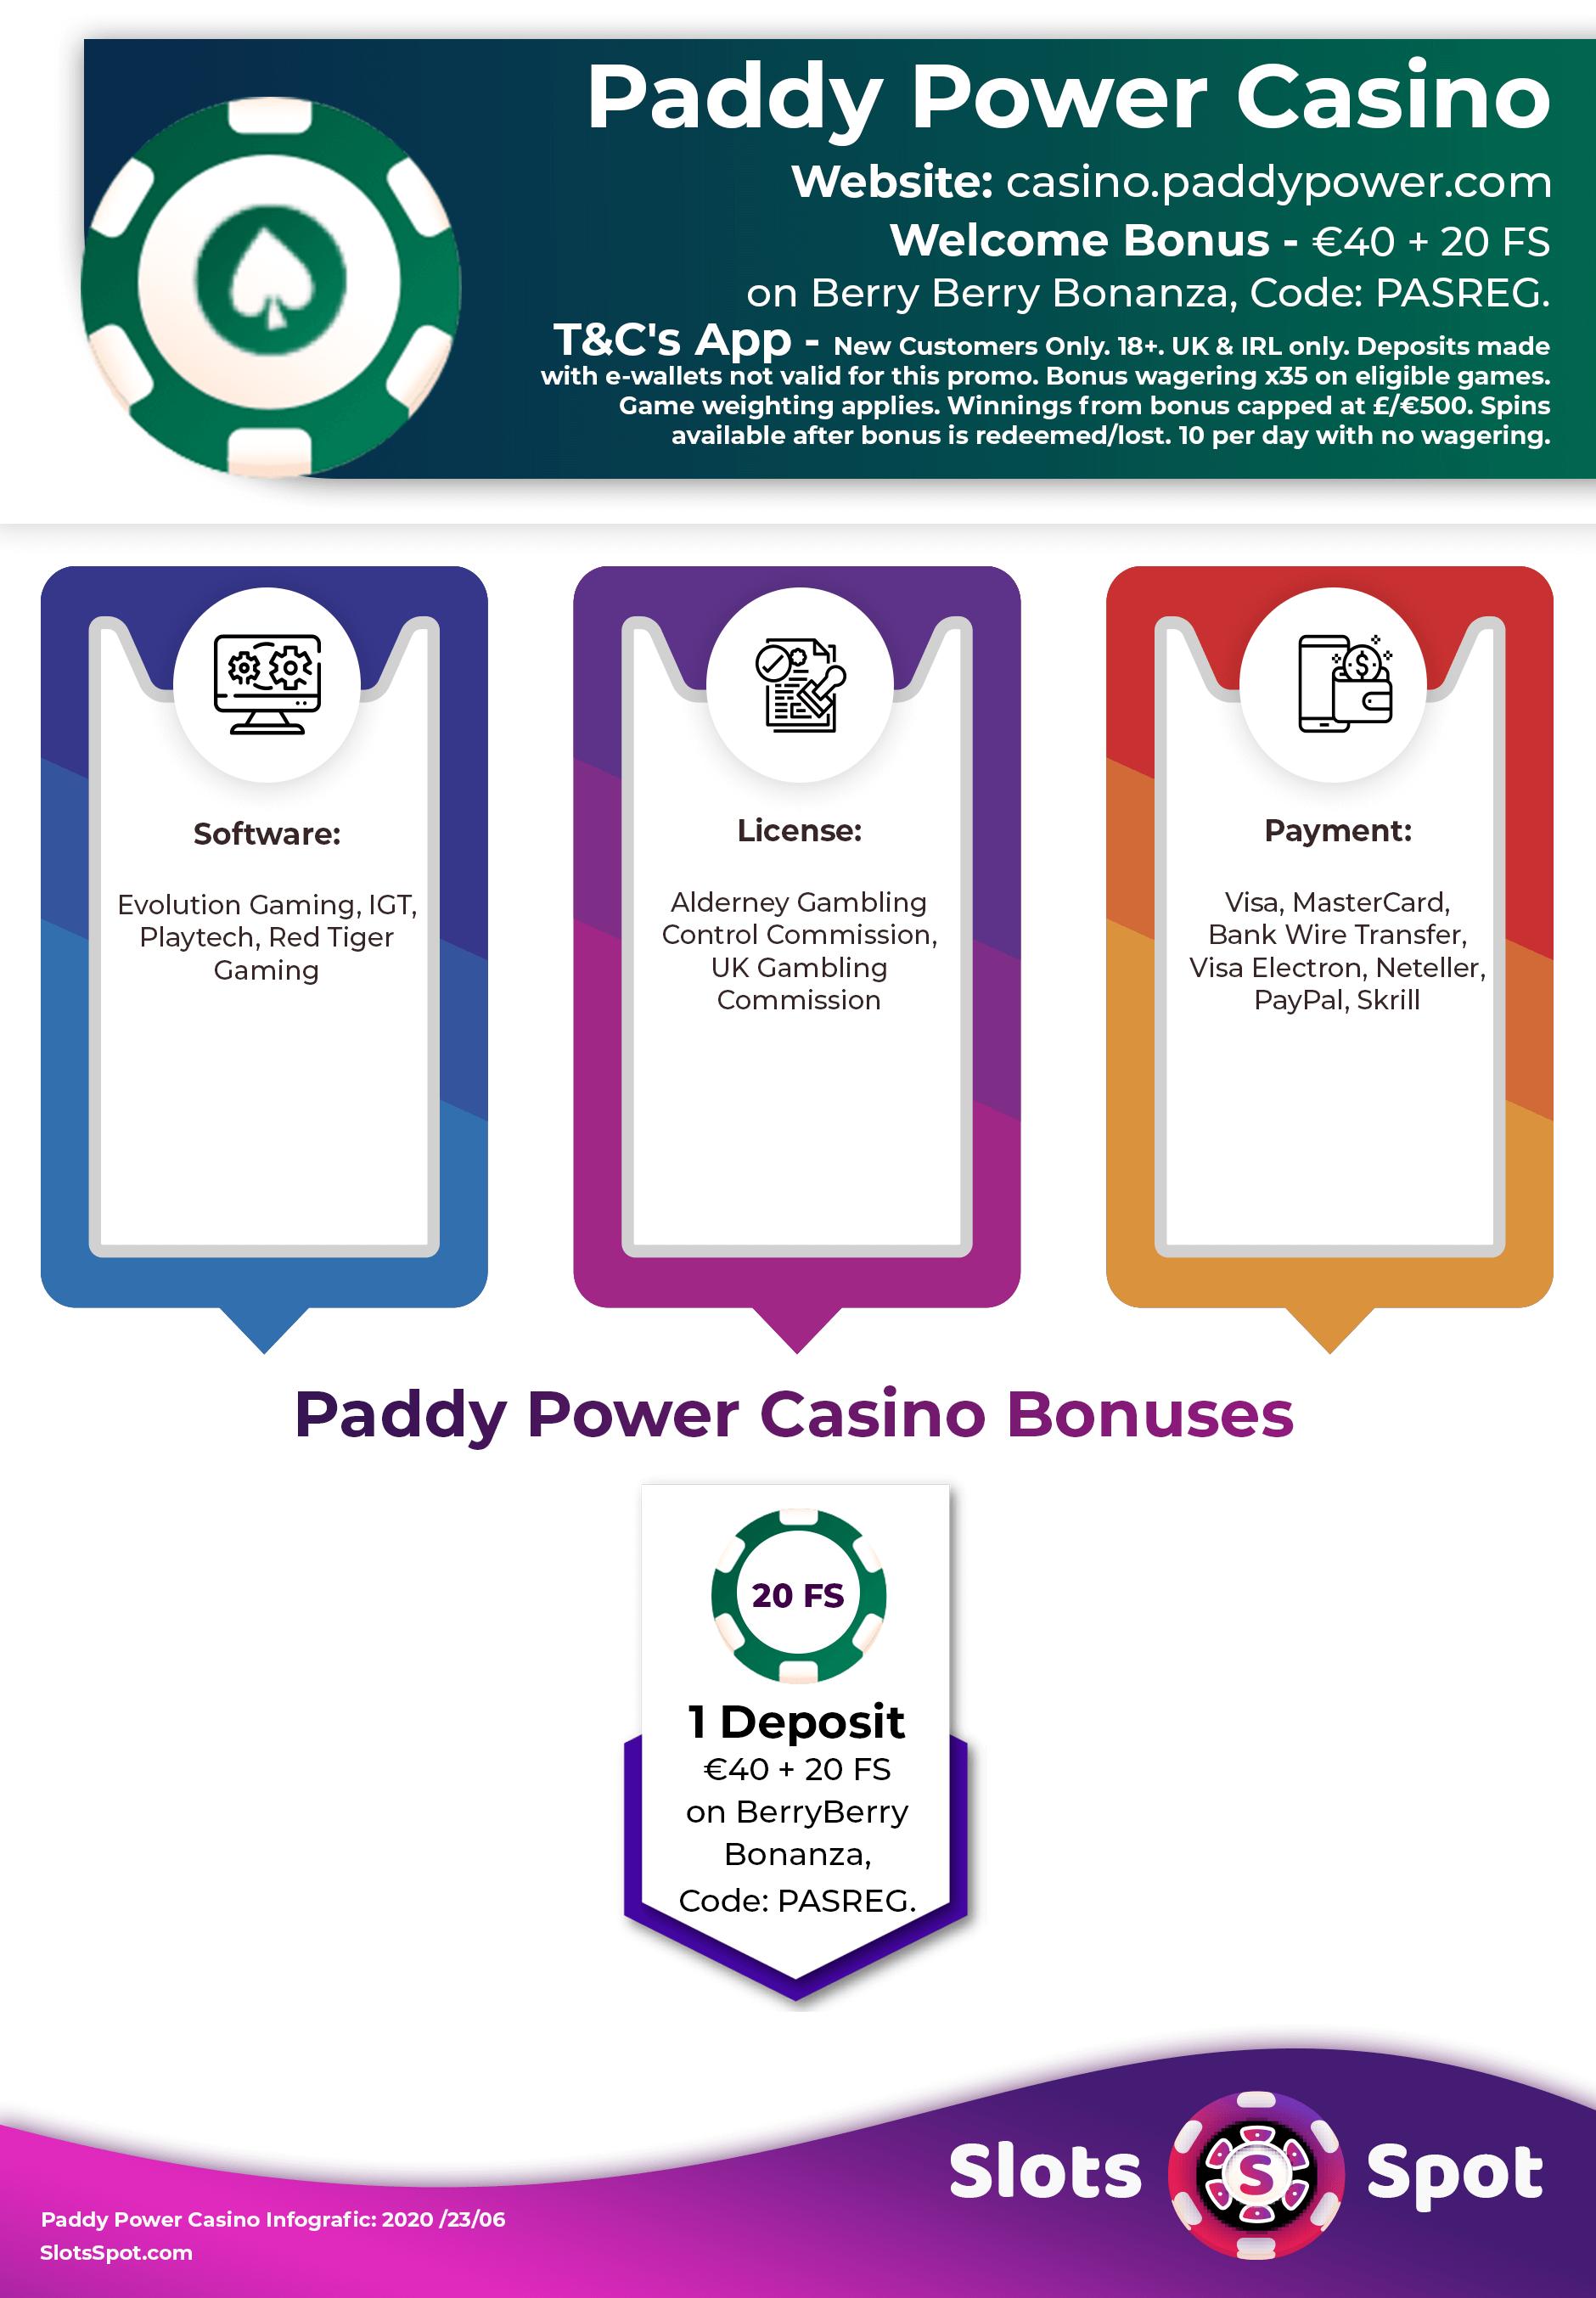 Bonanza Game Bonus Code